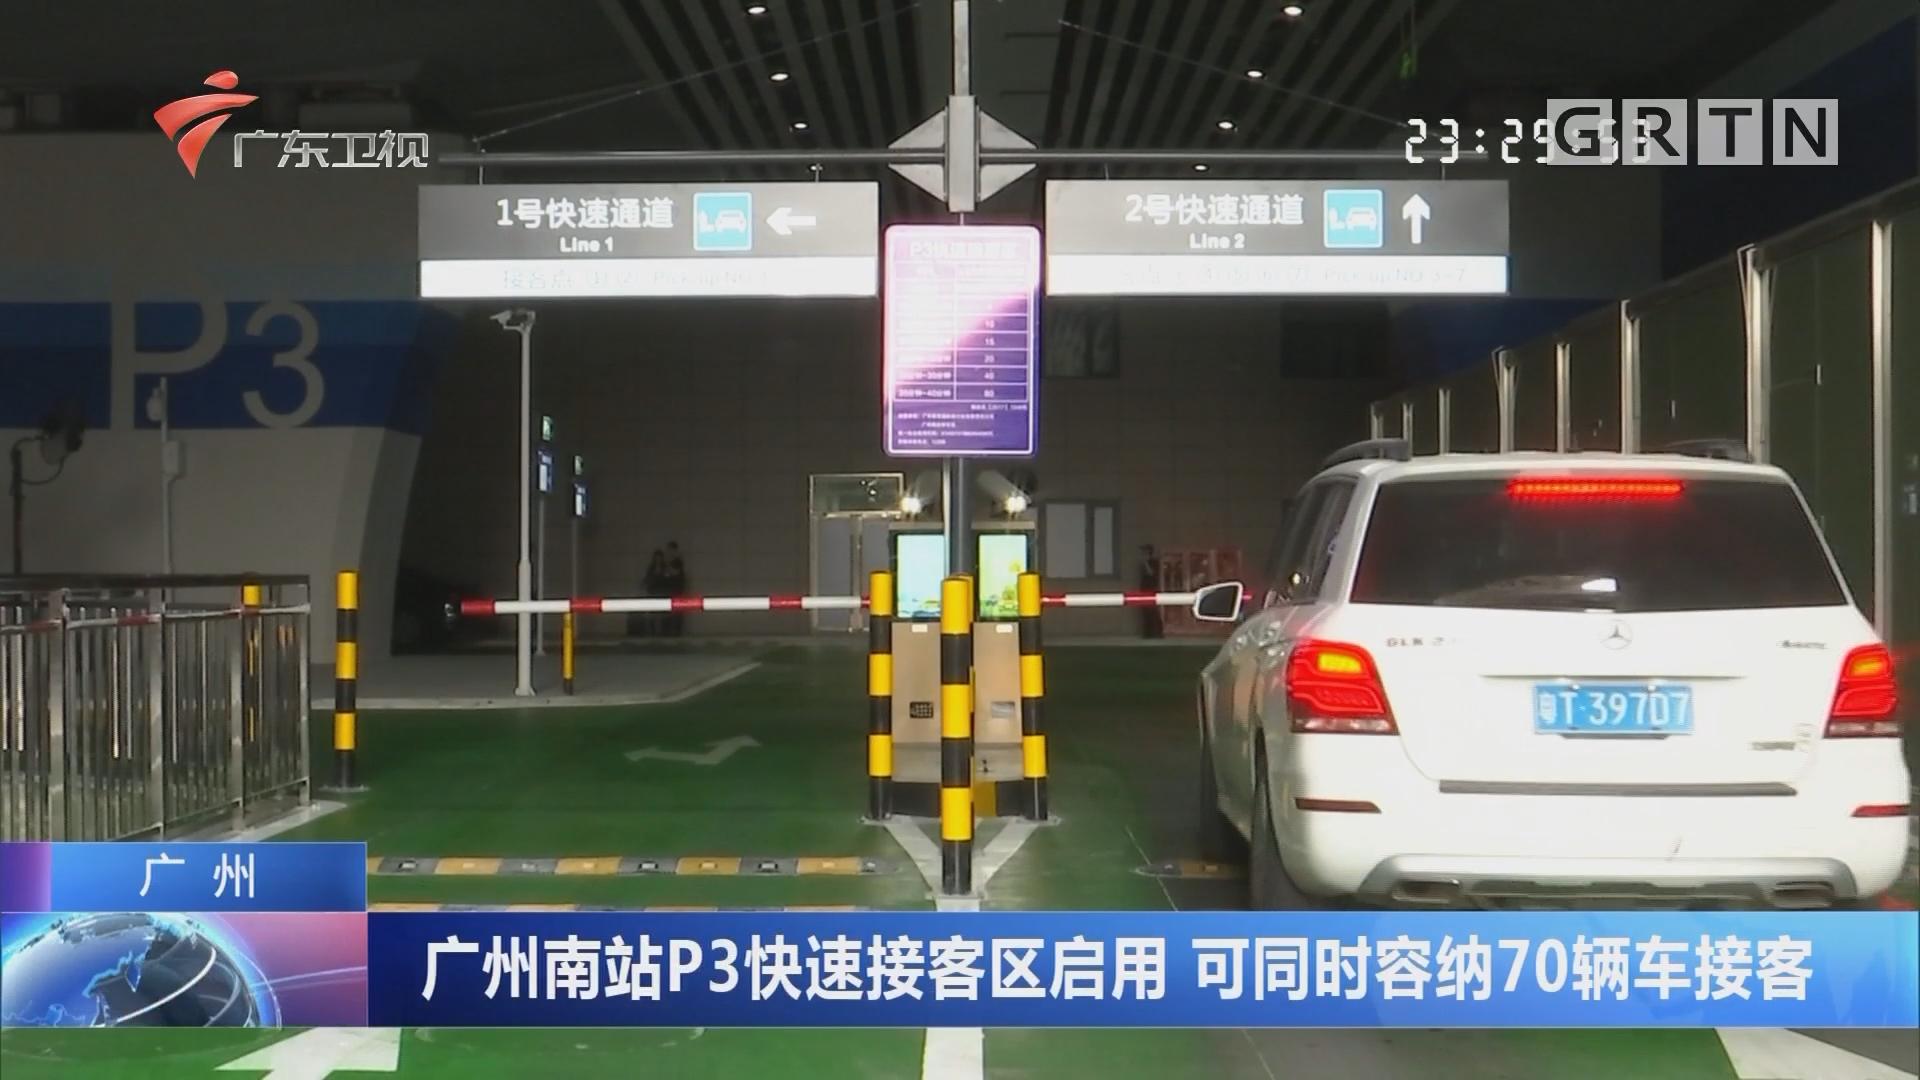 广州:广州南站P3快速接客区启用 可同时容纳70辆车接客